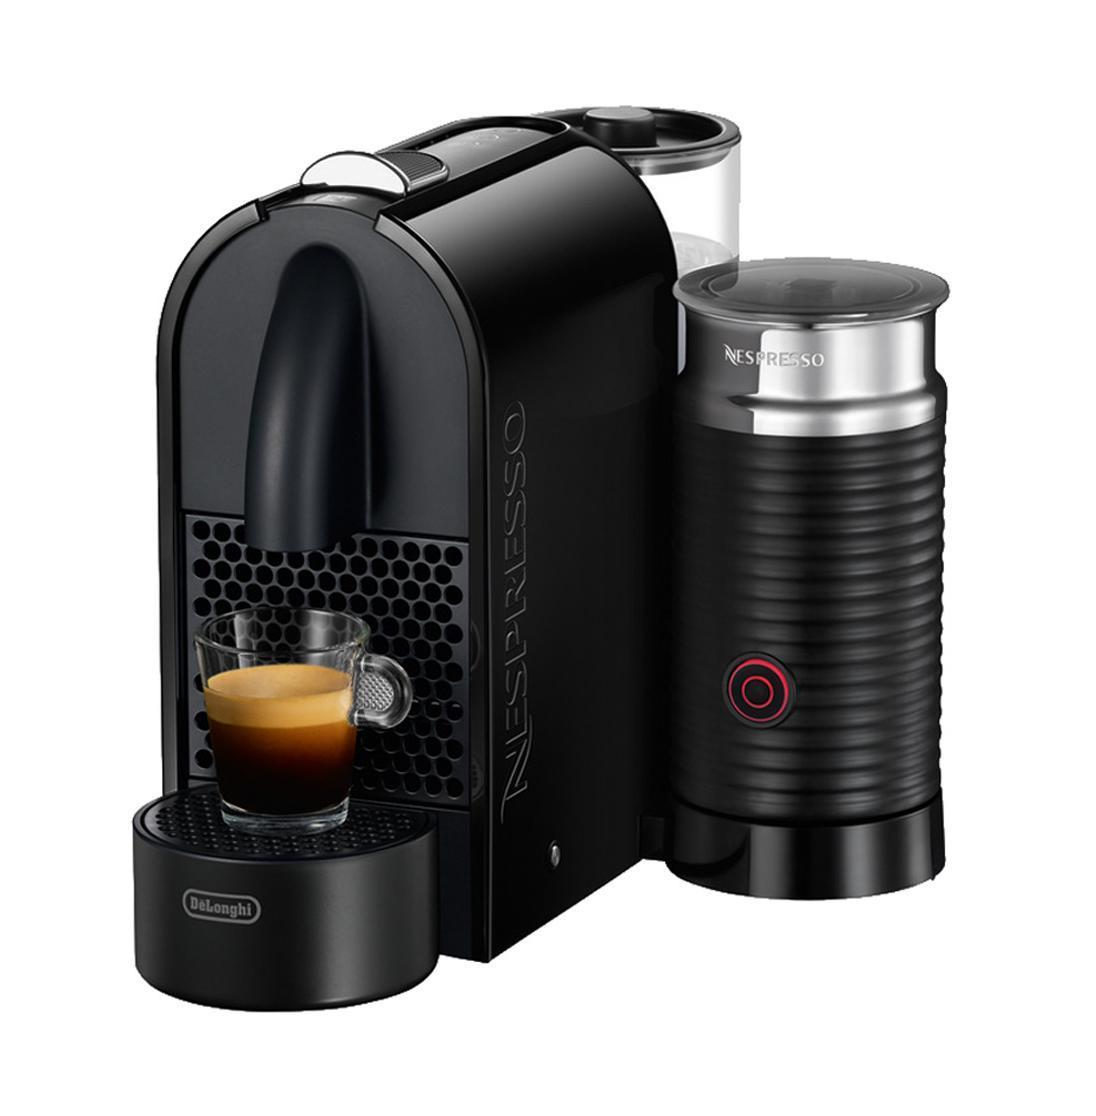 DeLonghi EN 210.BAE Nespresso кофеваркаEN 210.BAEКапсульная кофемашина Nespresso теперь стала полностью автоматической, в сочетании с лаконичным и простым дизайном.